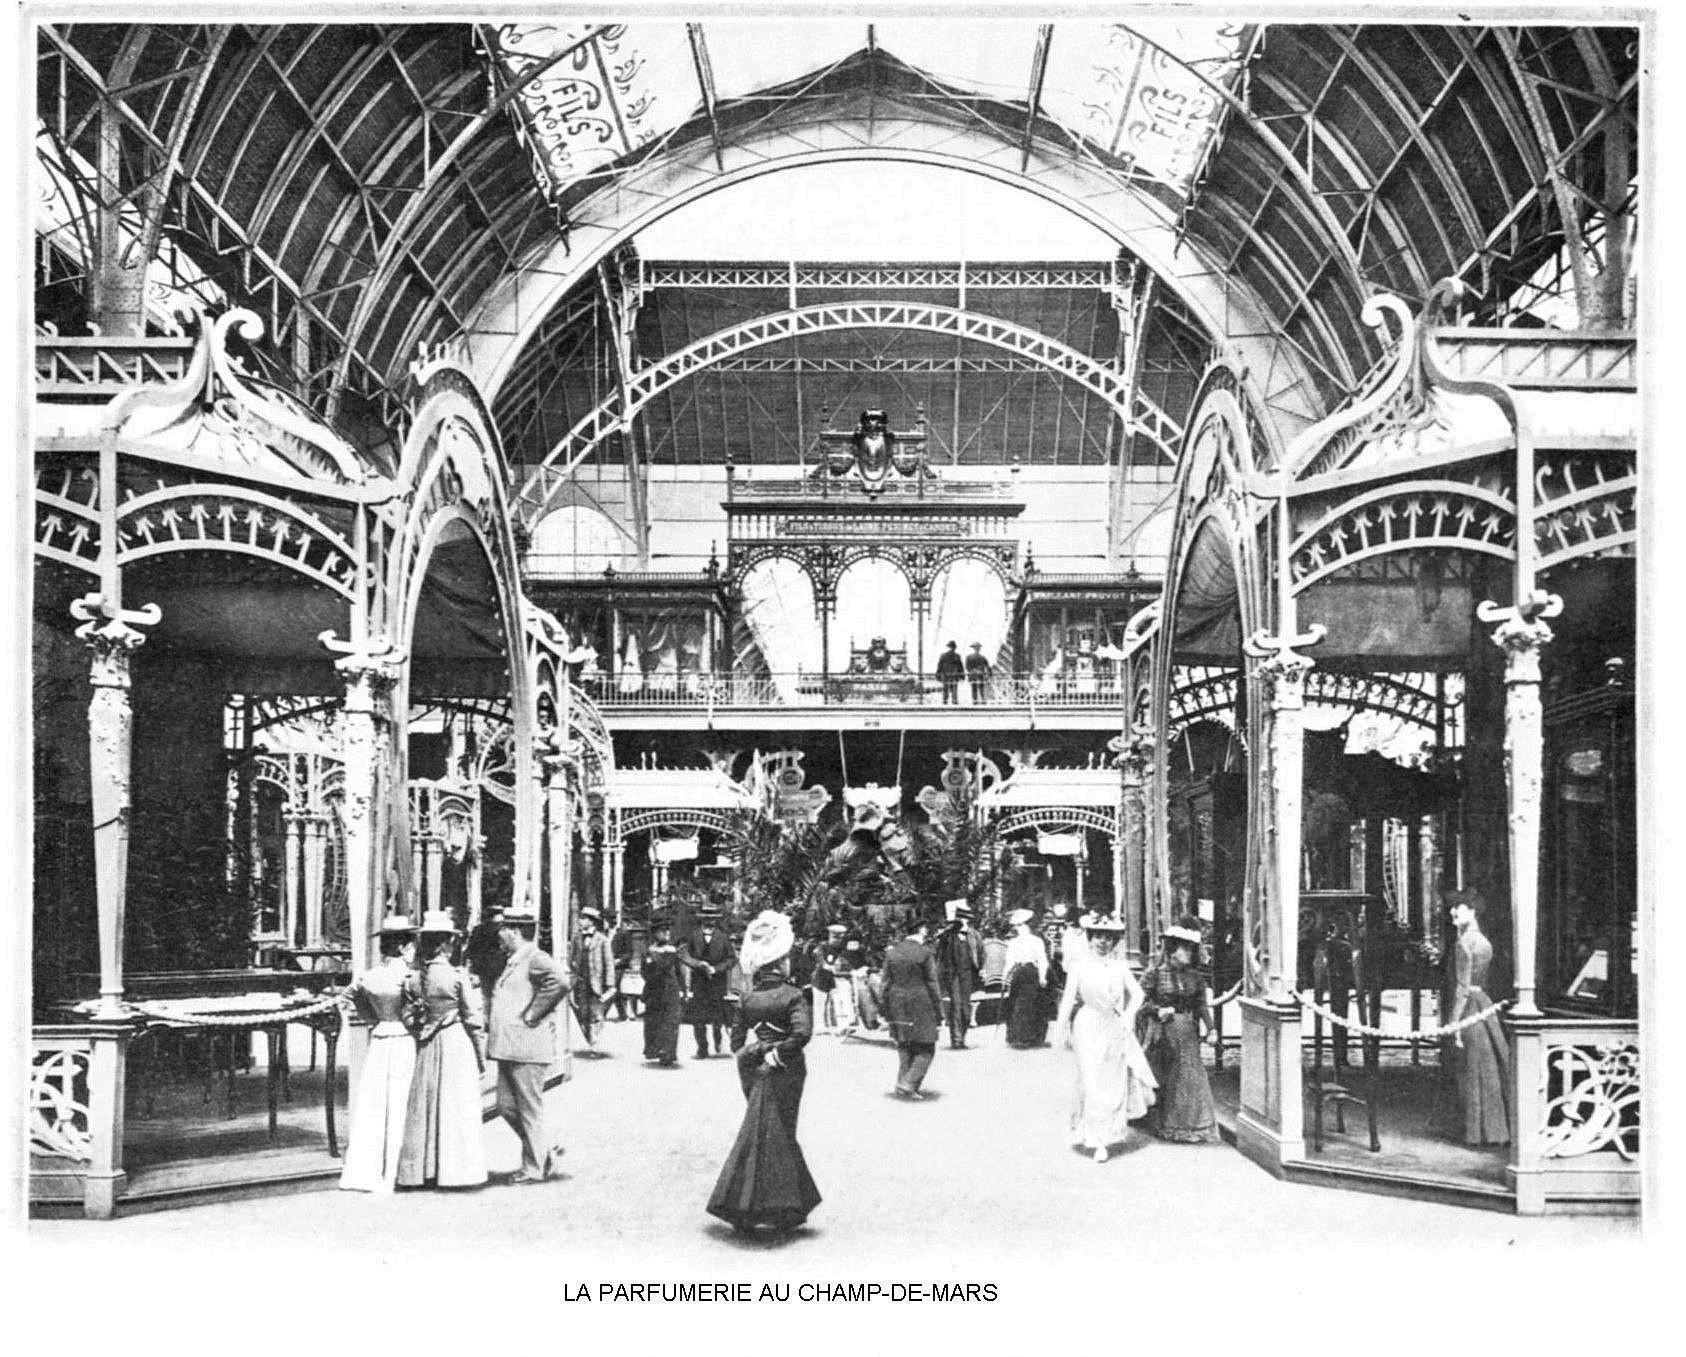 Ressources histoire exposition universelle 1900 la parfumerie au champ de mars